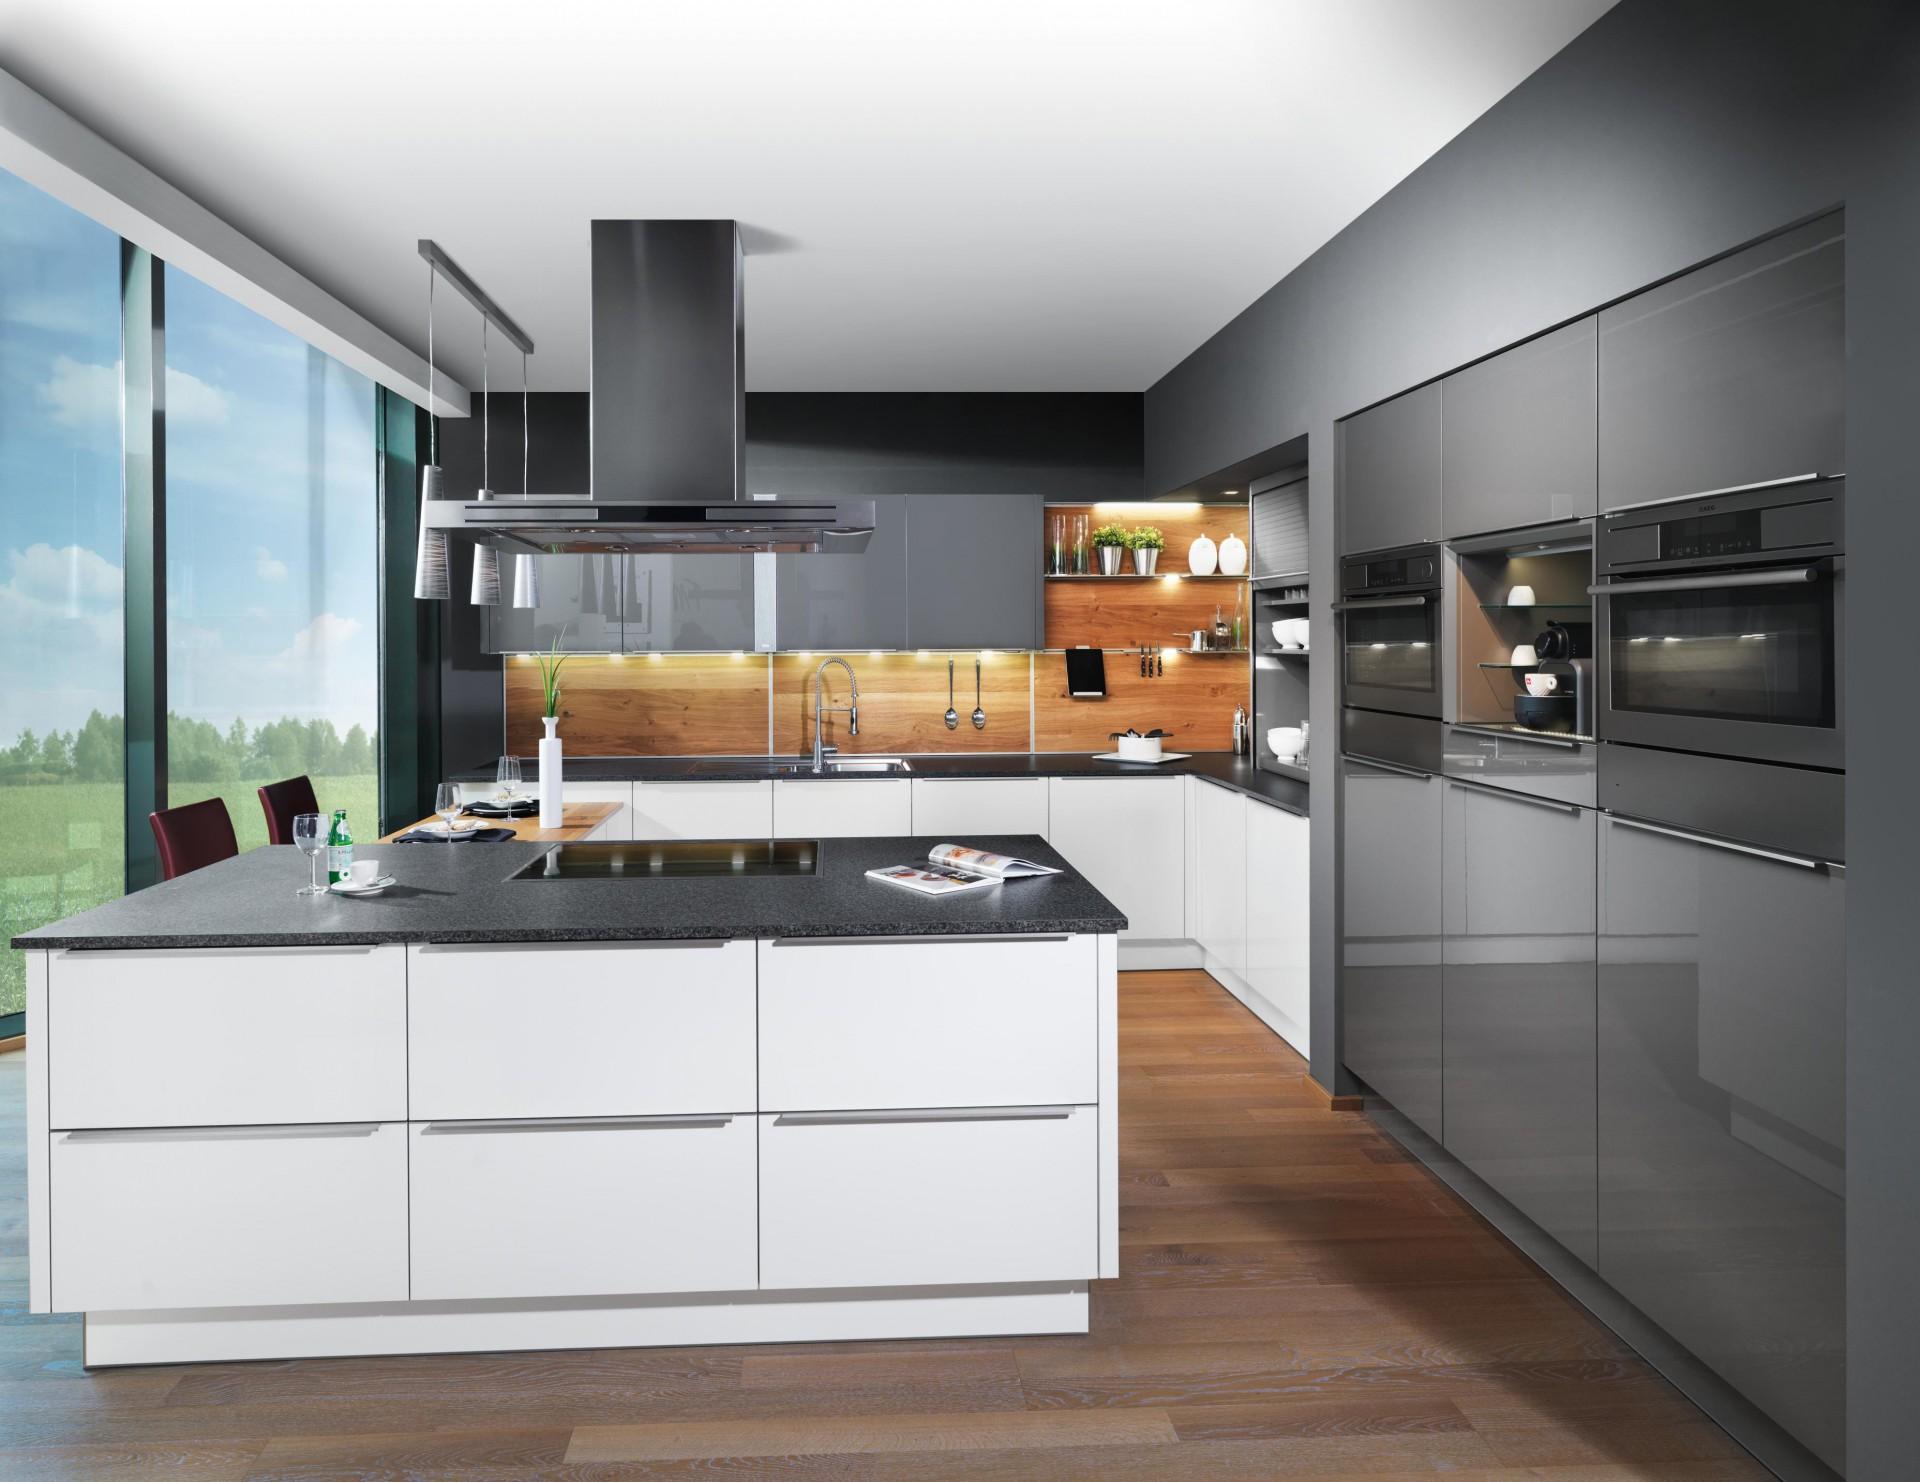 k chen produkte. Black Bedroom Furniture Sets. Home Design Ideas